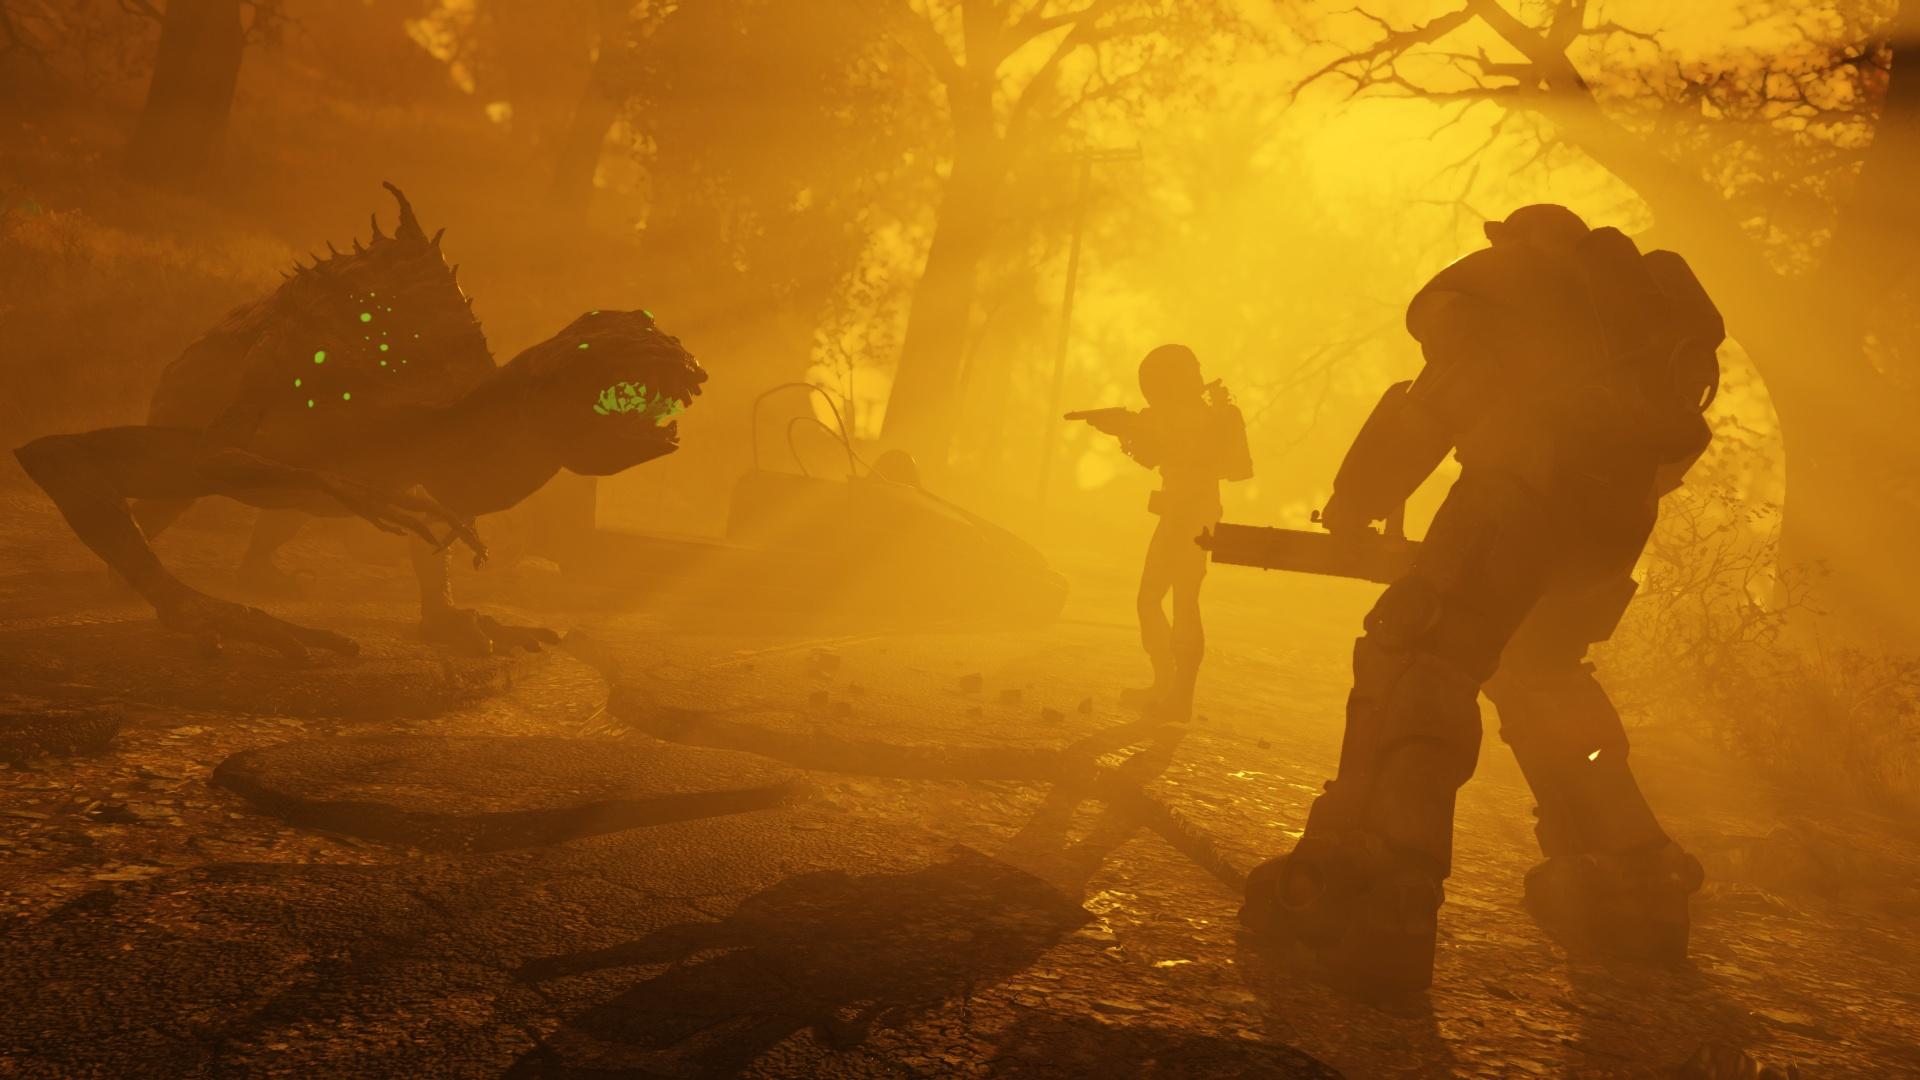 Fallout76 уже можно предварительно заказать и загрузить в Steam